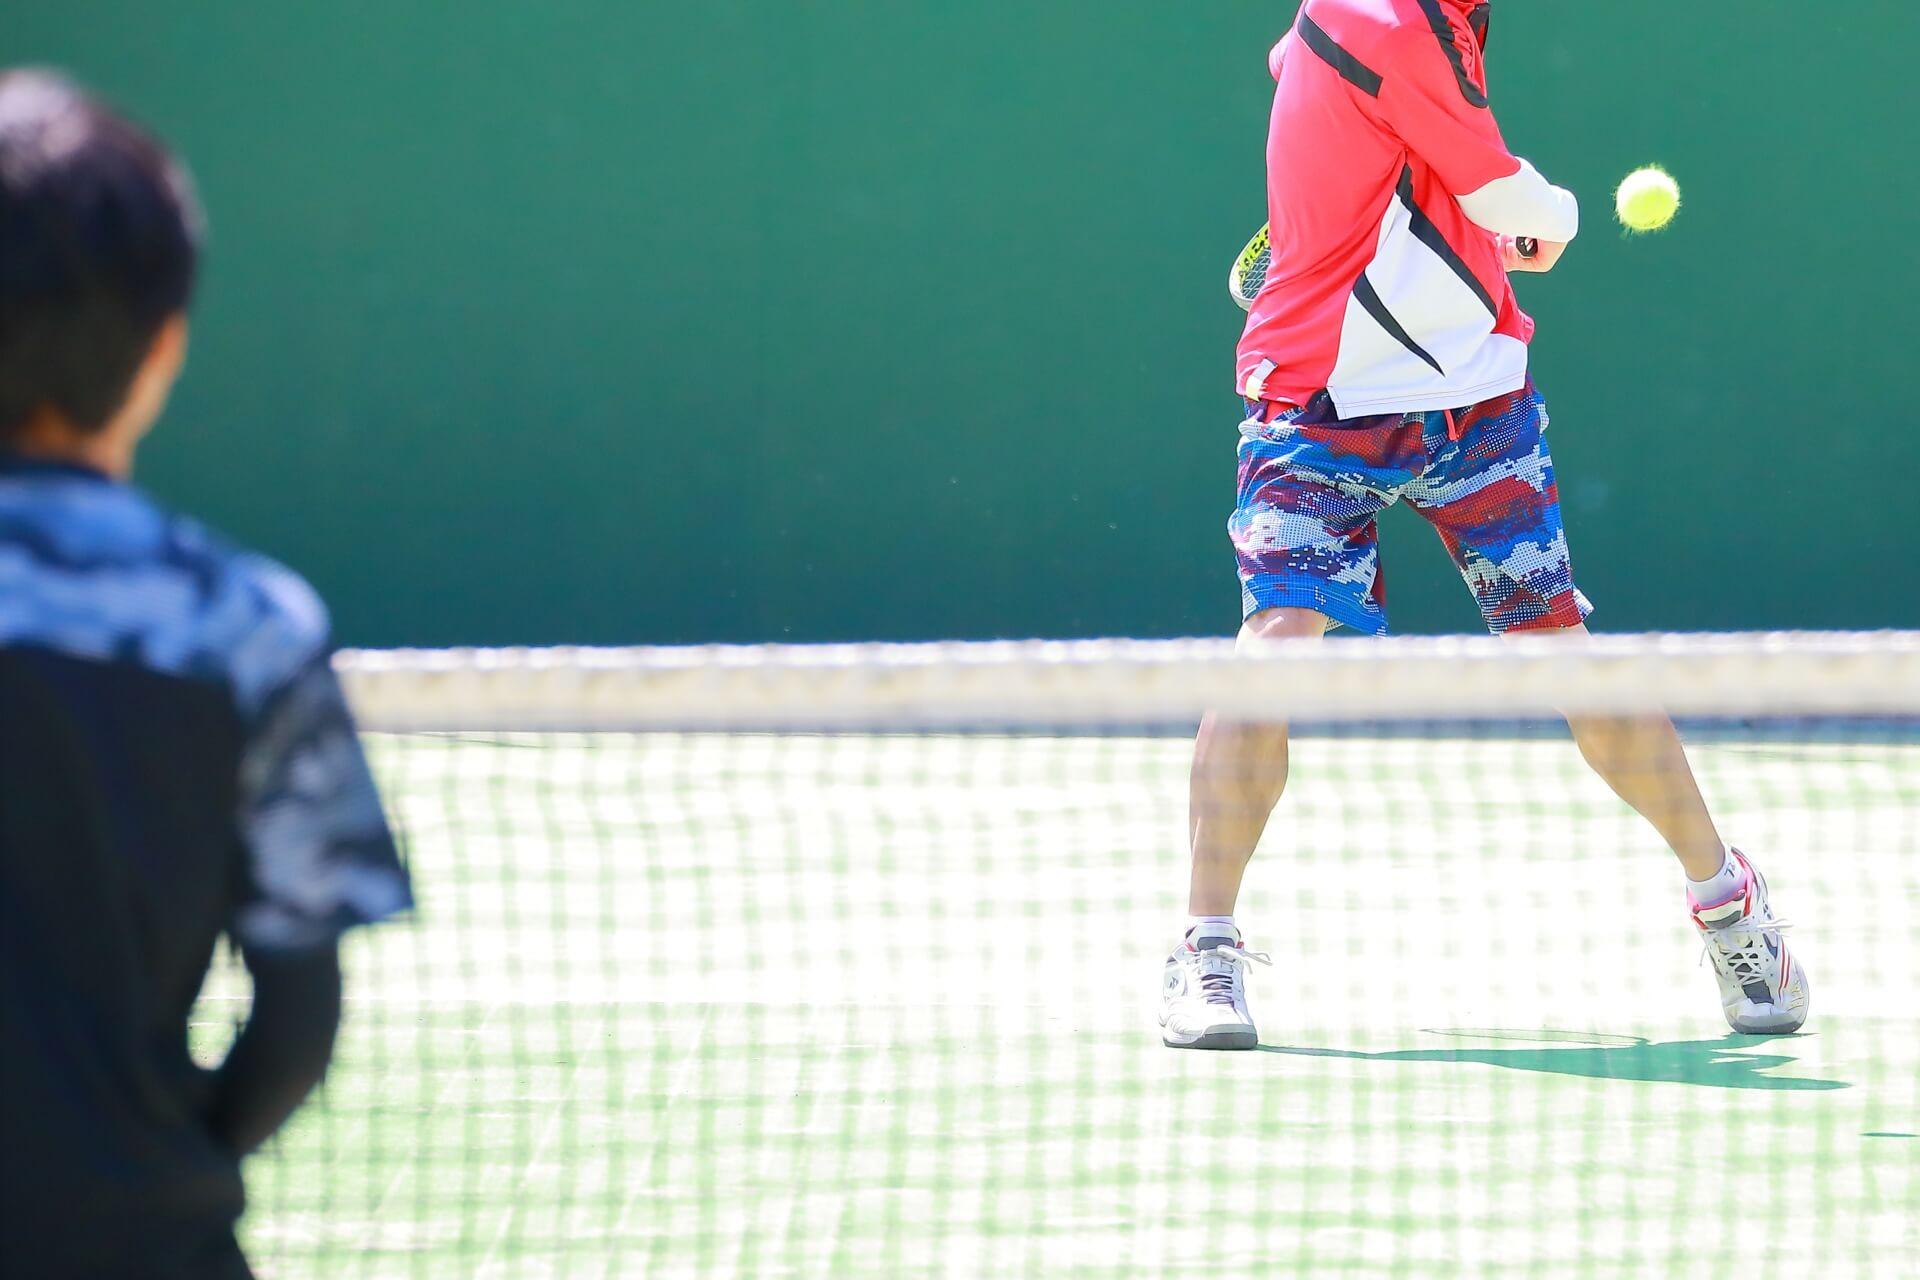 テニス用語レットってなに?初心者向けにわかりやすく解説します